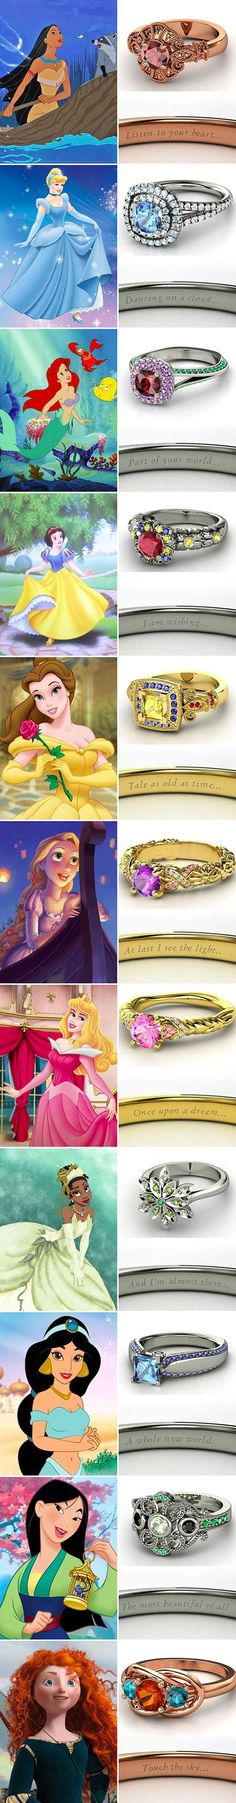 Disney princess rings...